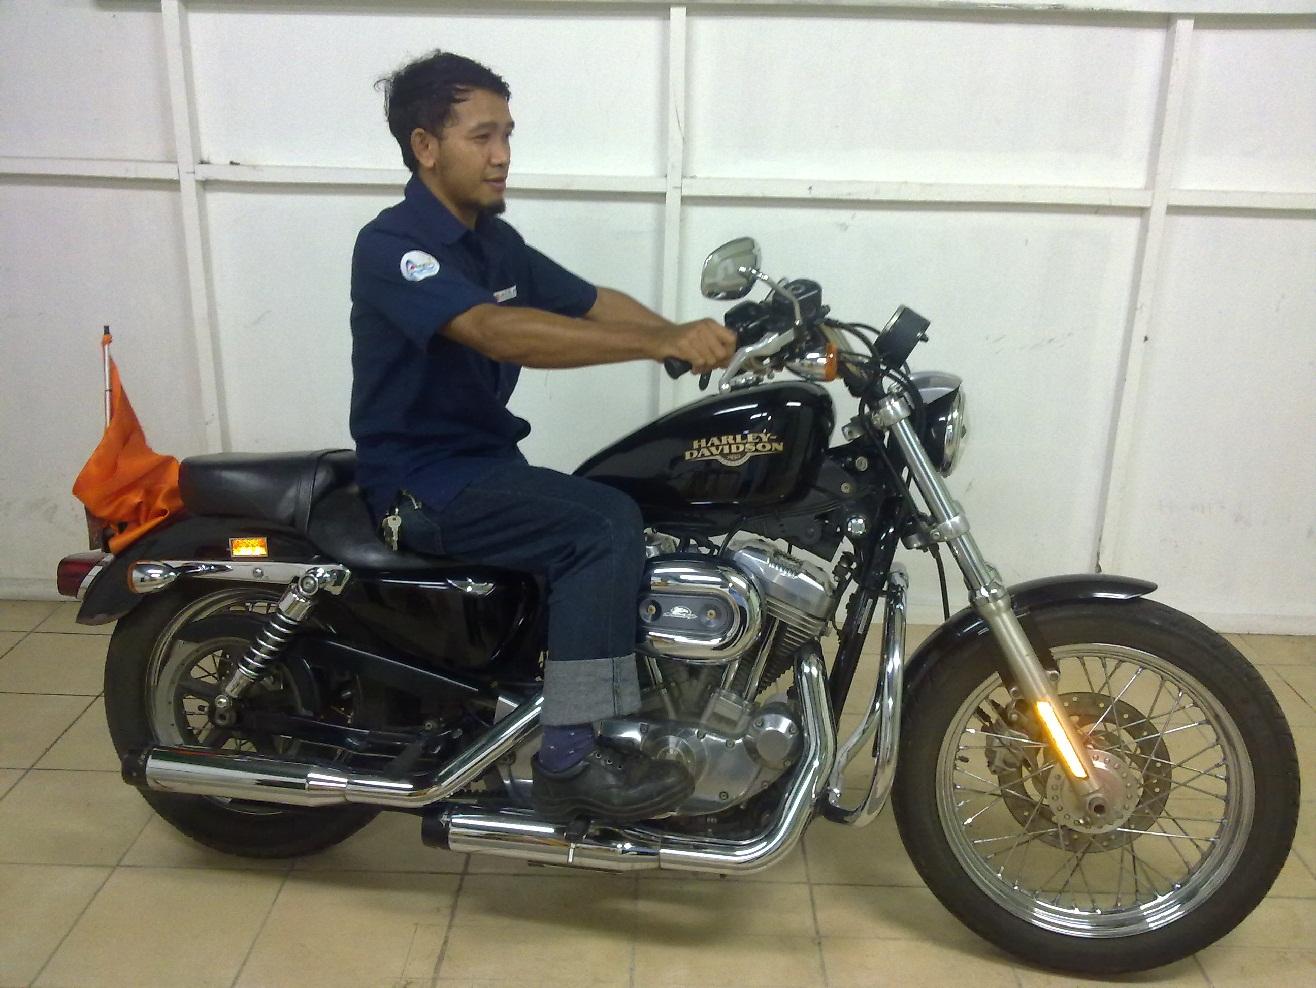 91 Modifikasi Motor Tiger Jadi Harley Davidson Terbaru Dan